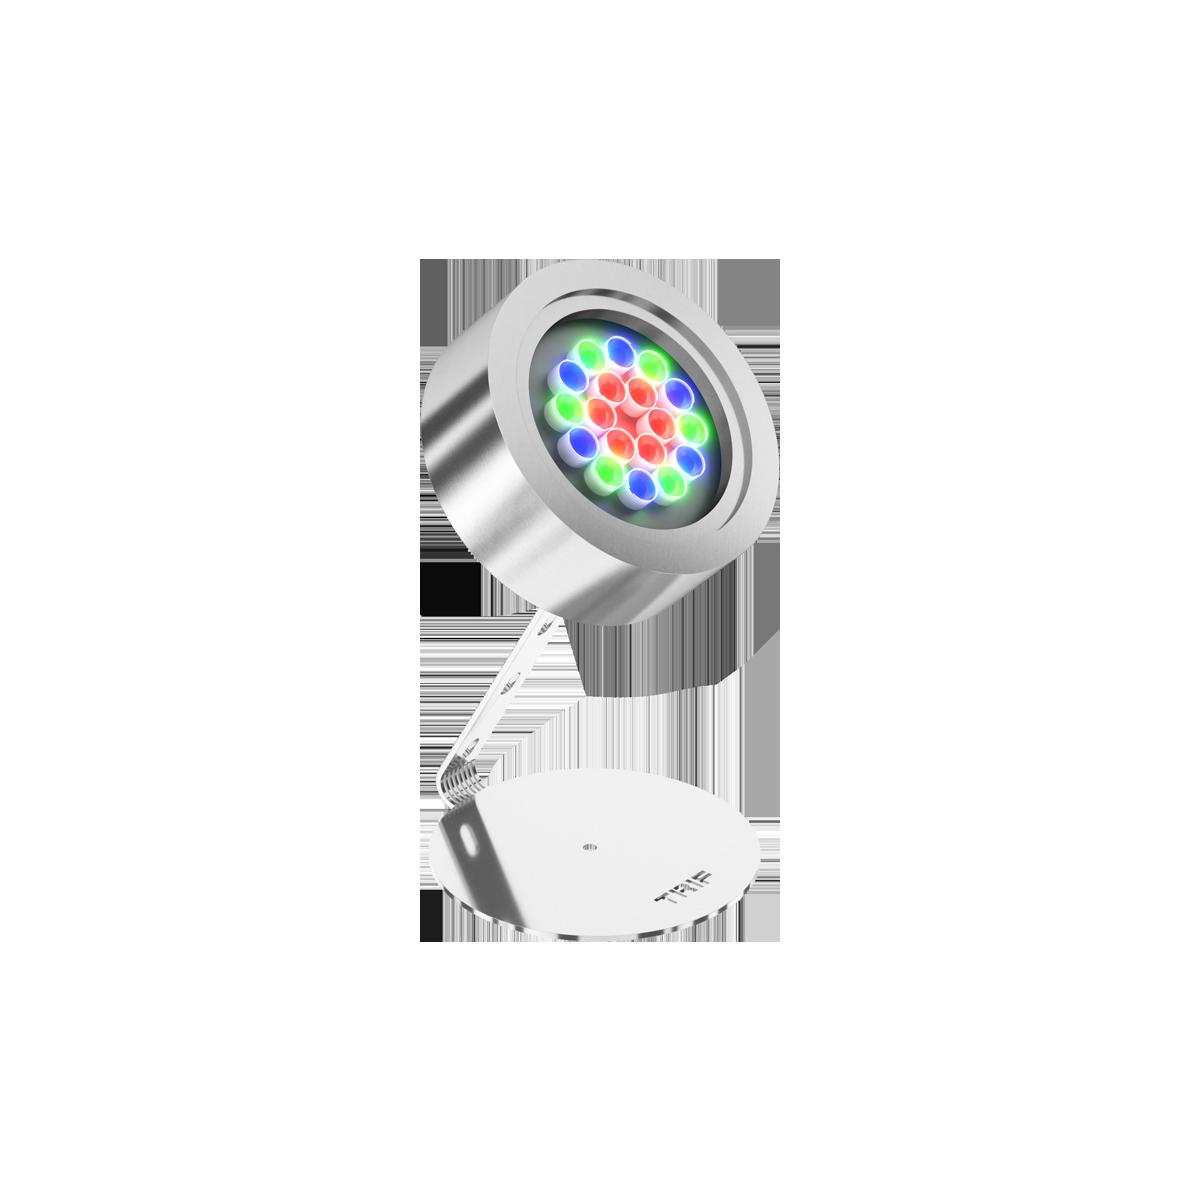 TRIF SATURN L - антивандальные LED светильники и прожекторы